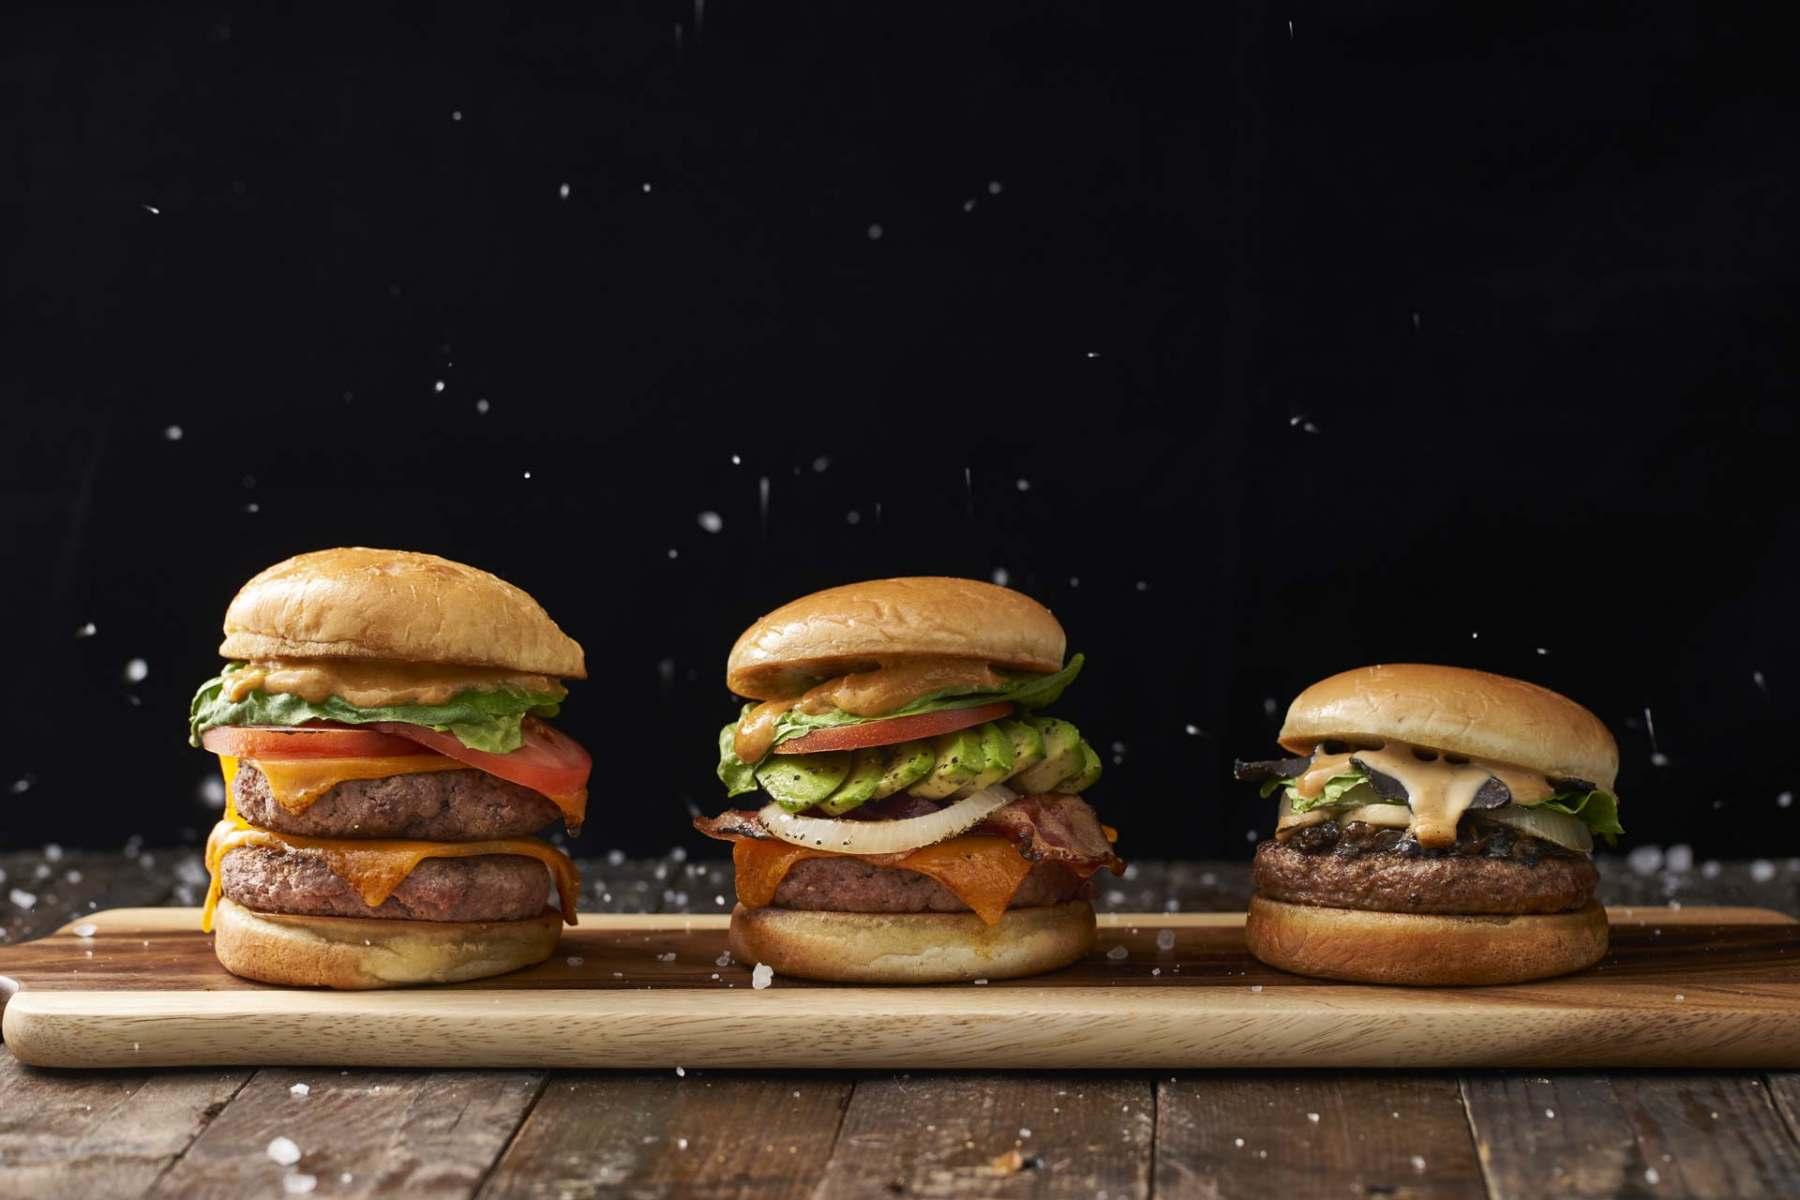 Food-Photography-Singapore-Burger-4-2